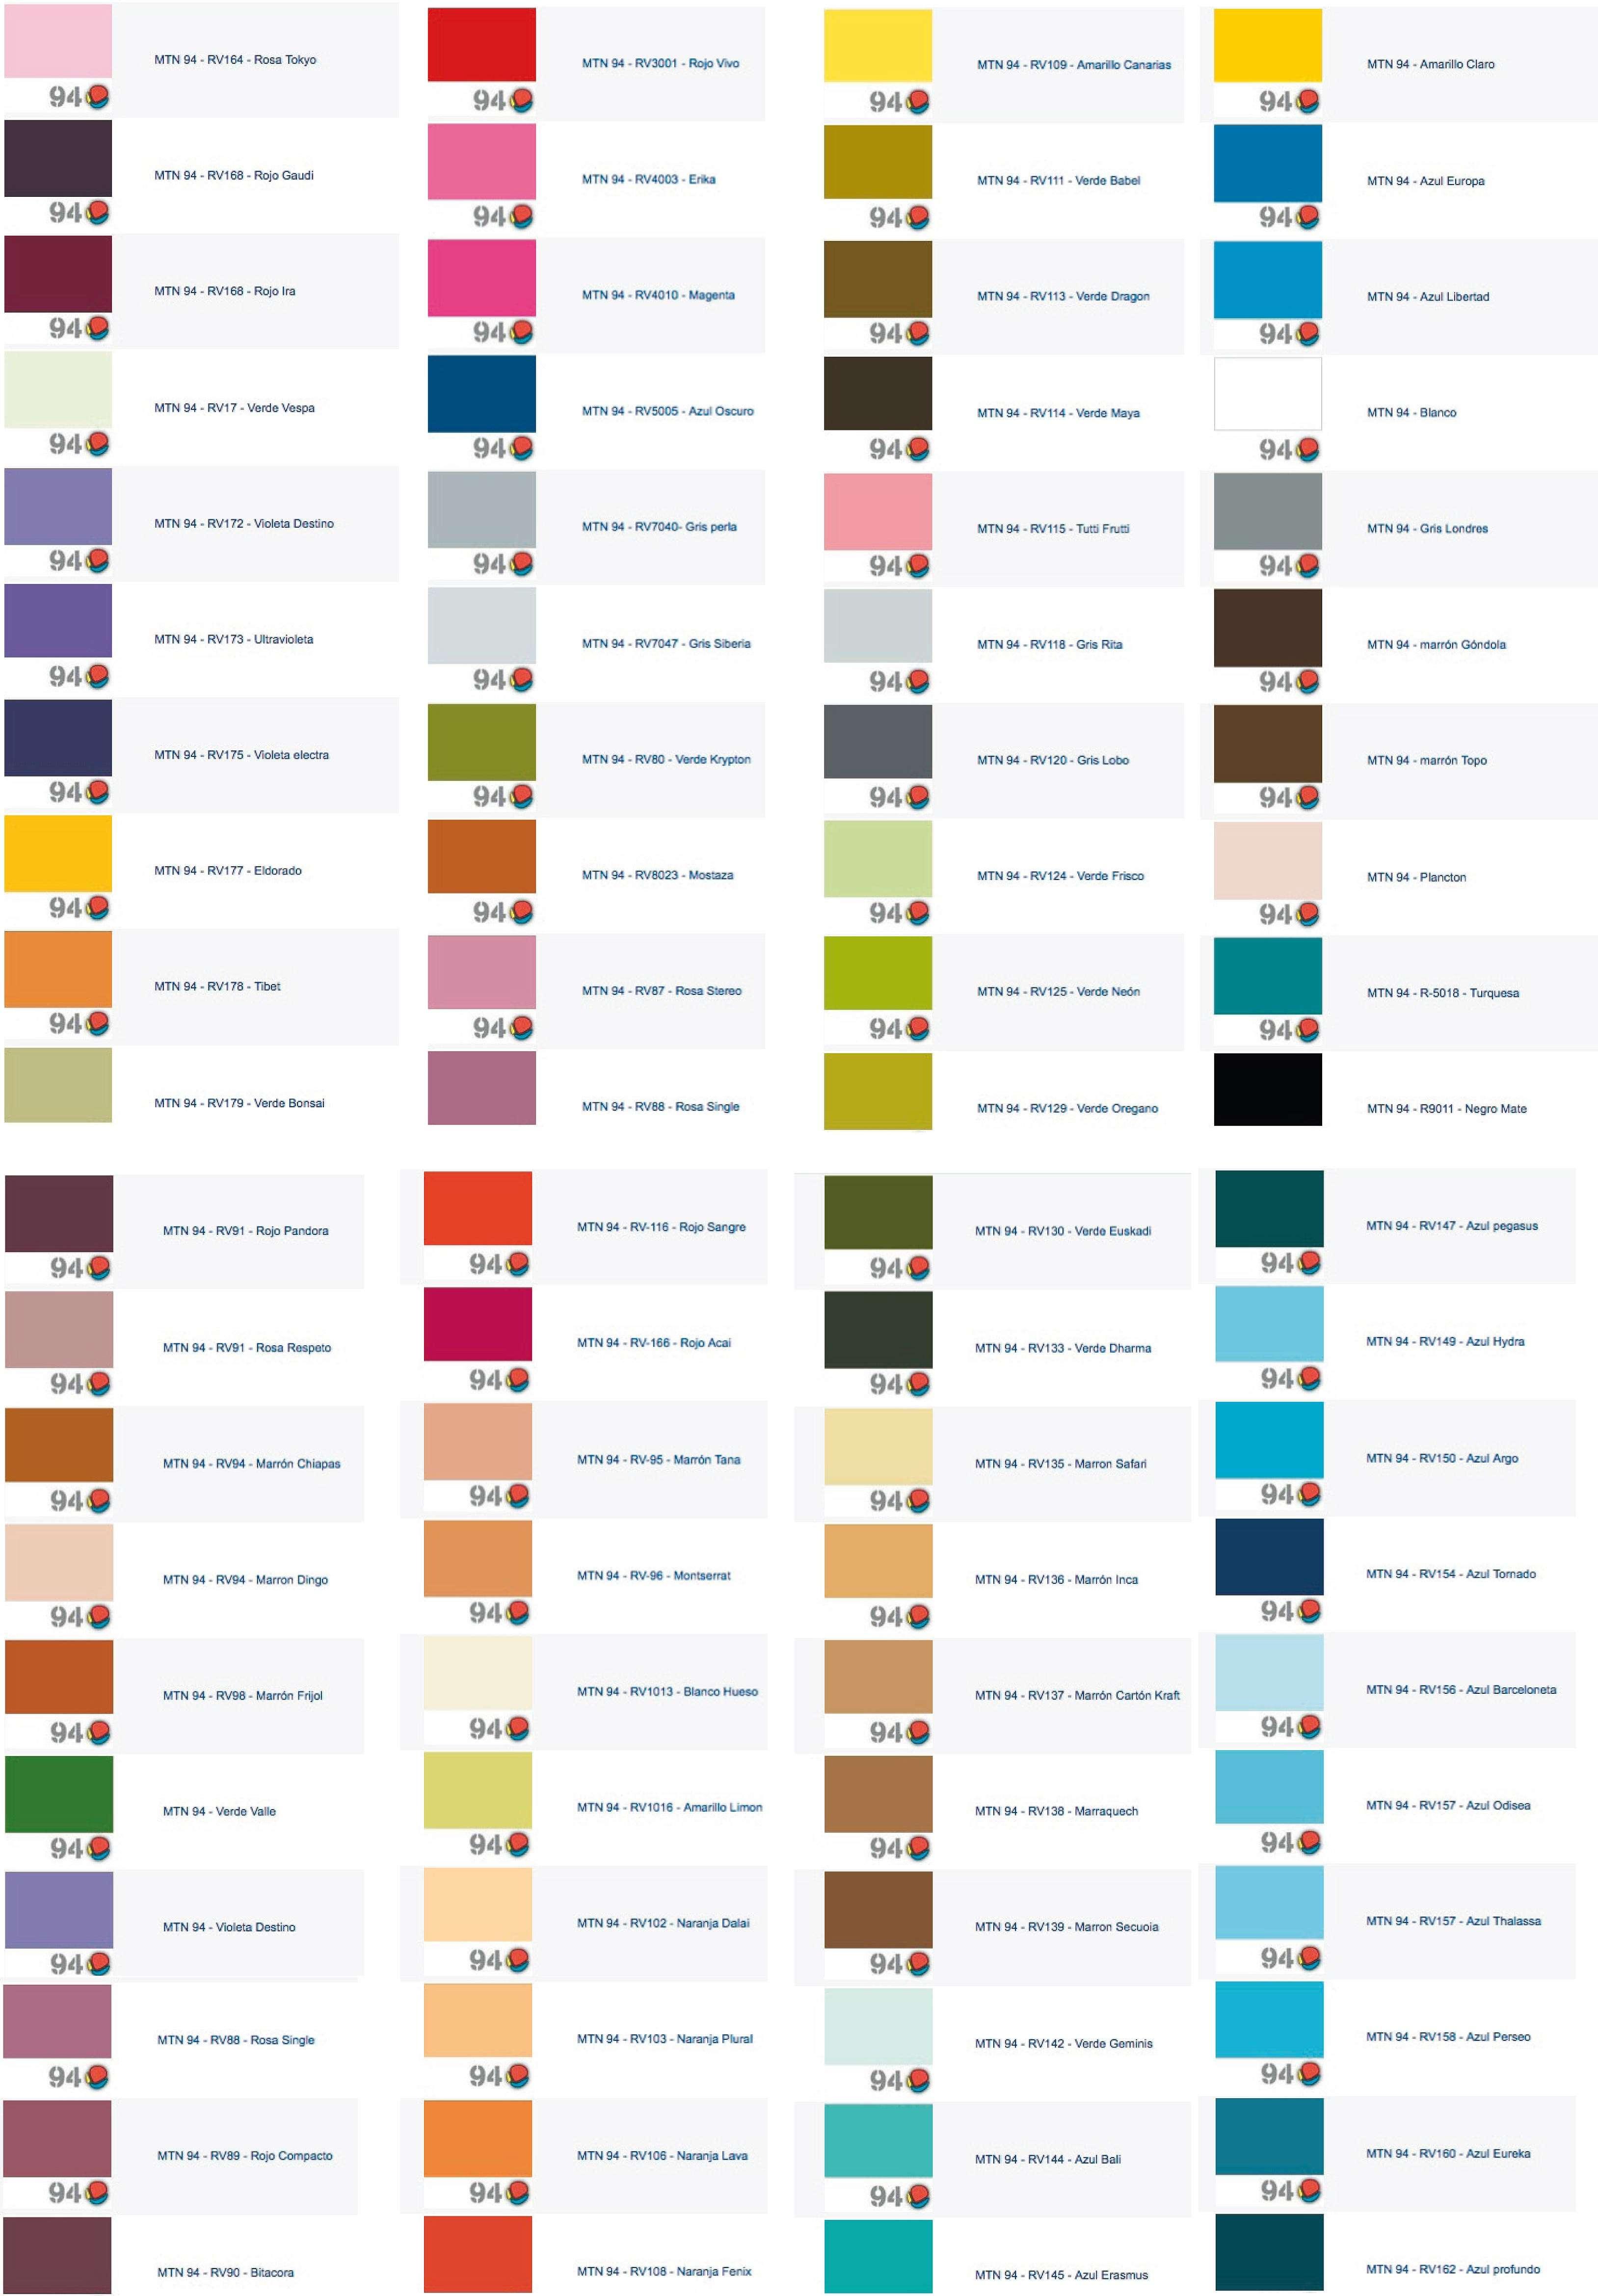 Pinturas gama de colores imagui - Gama de colores de pinturas ...